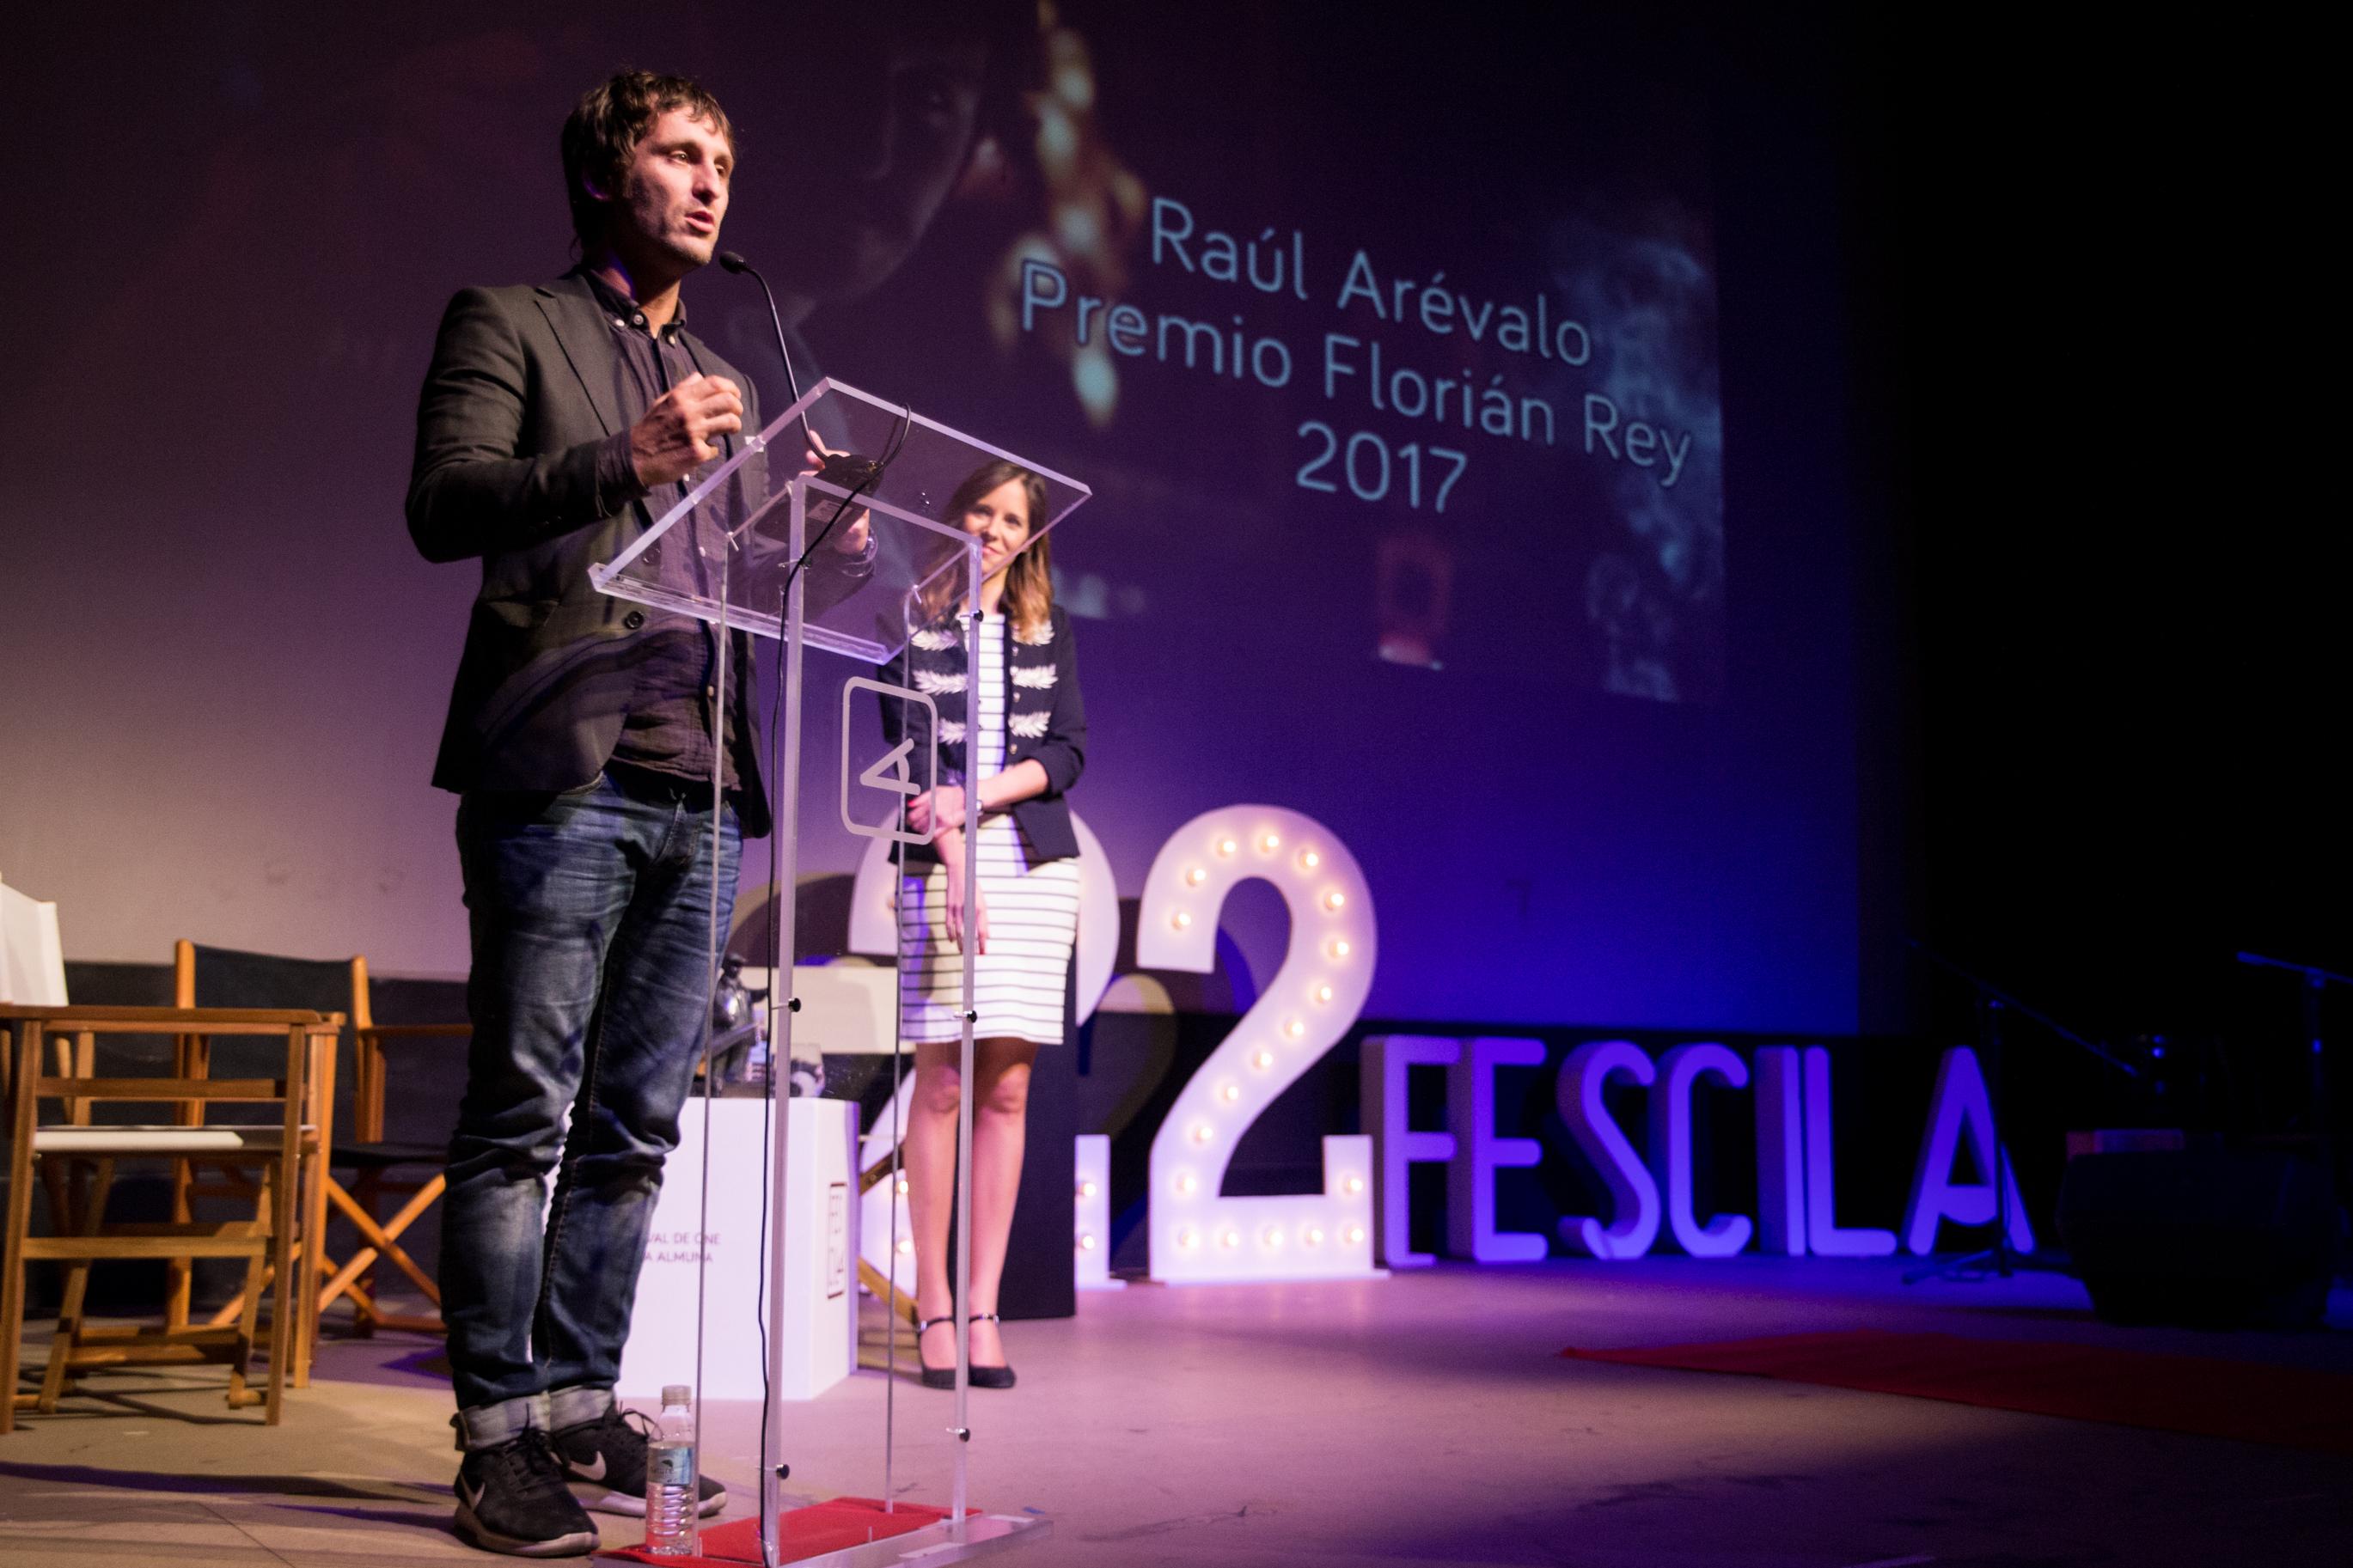 Raúl Arévalo recogiendo el premio Florián Rey 2017. // Imagen: Javier Gimeno